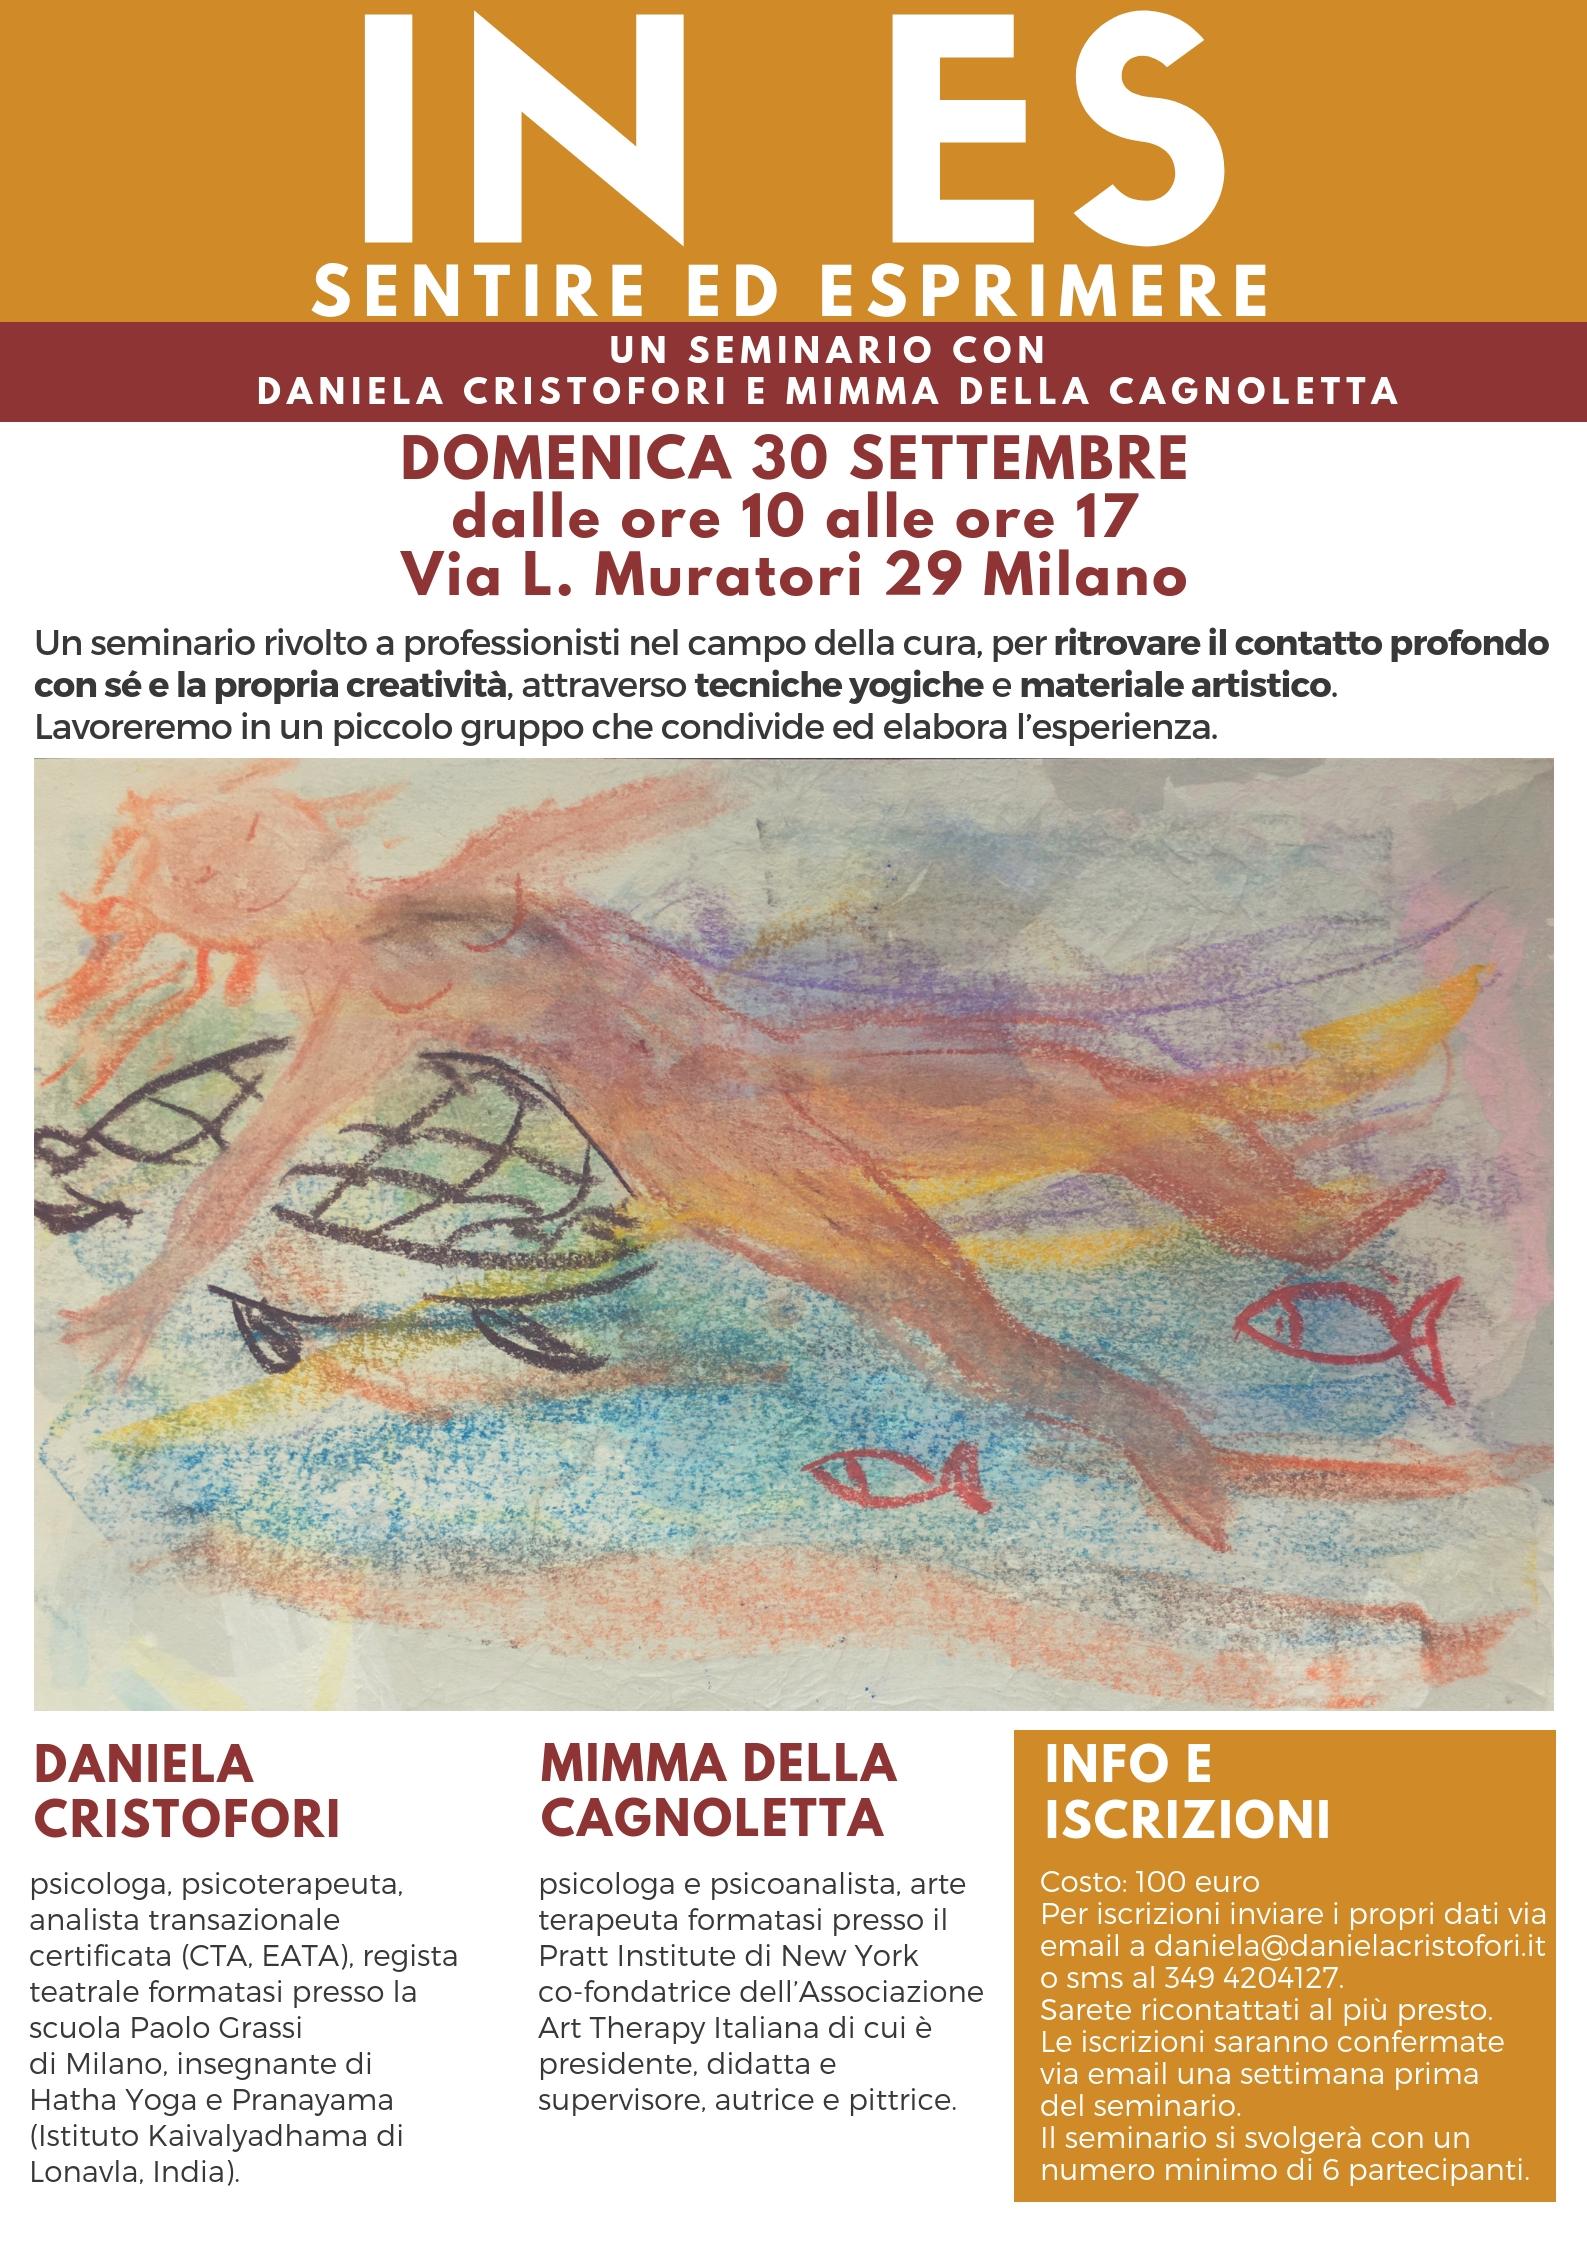 Daniela Cristofori Mimma Della Cagnoletta seminario IN-ES